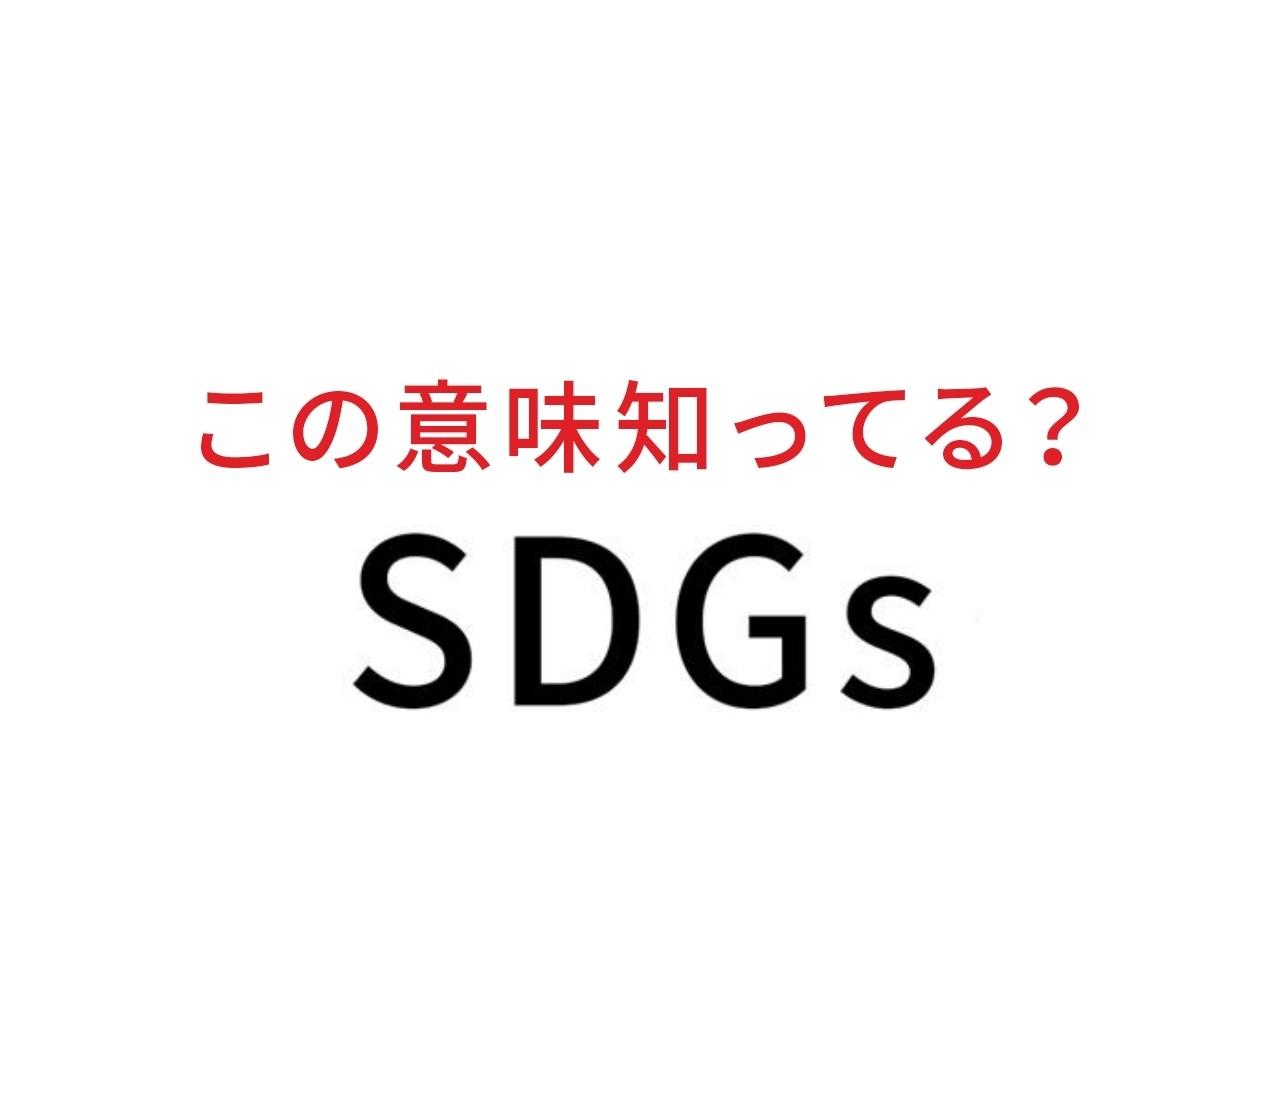 【3秒時事問題クイズ#1】「SDGs」ってなんのこと?